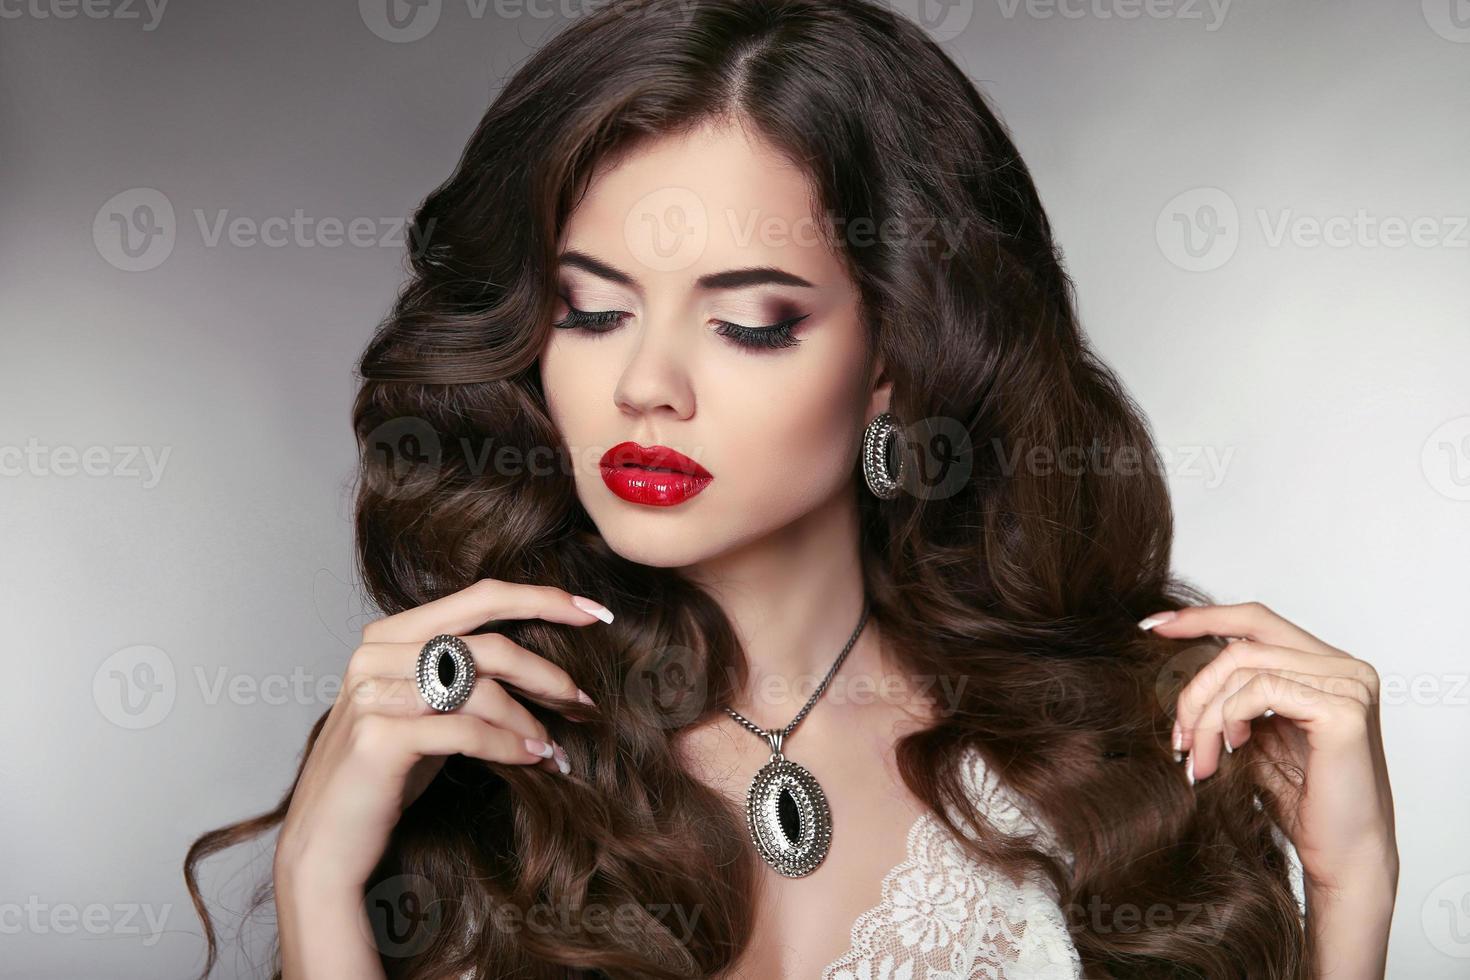 cheveux. beau modèle avec une élégante coiffure longue ondulée. beauté photo